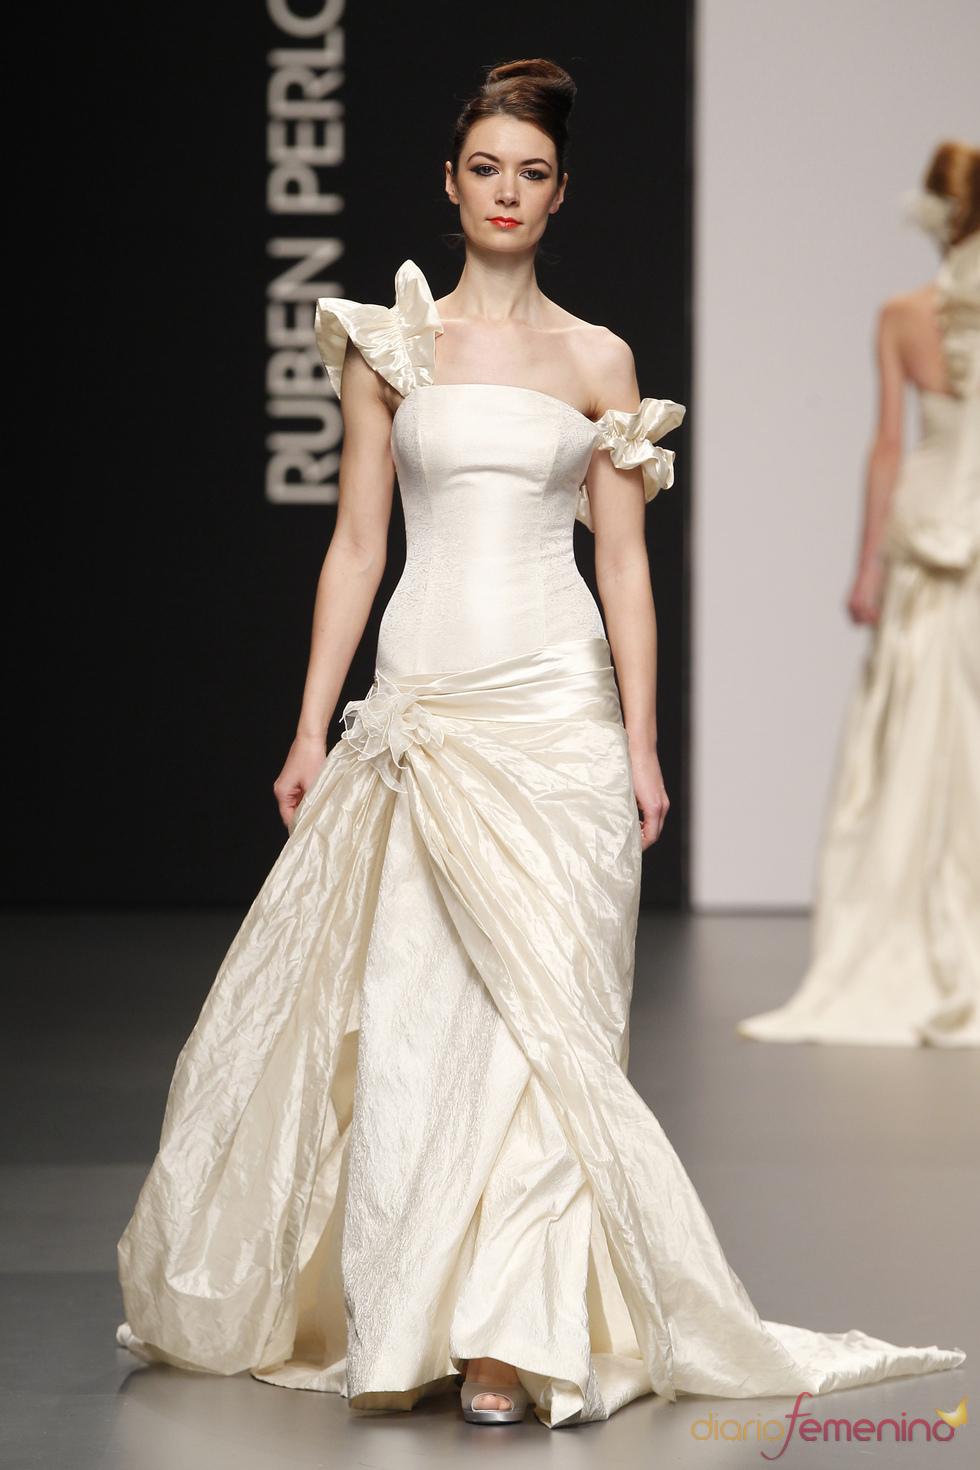 Rubén Perlotti y sus vestidos de novia